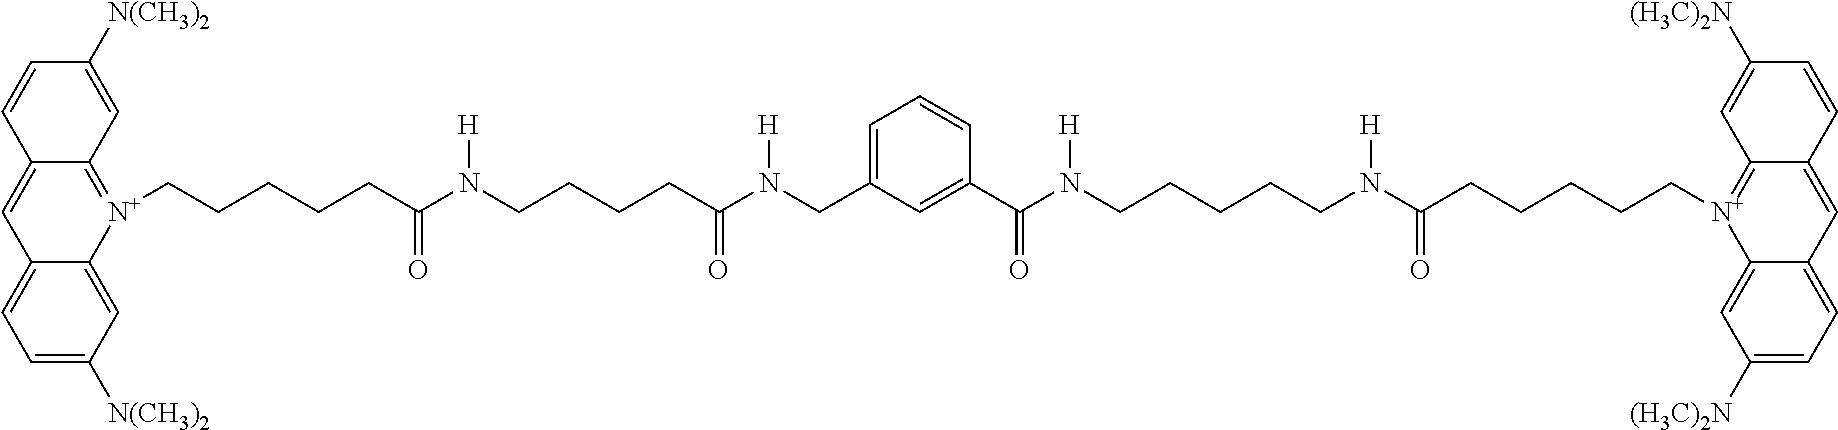 Figure US08877437-20141104-C00031